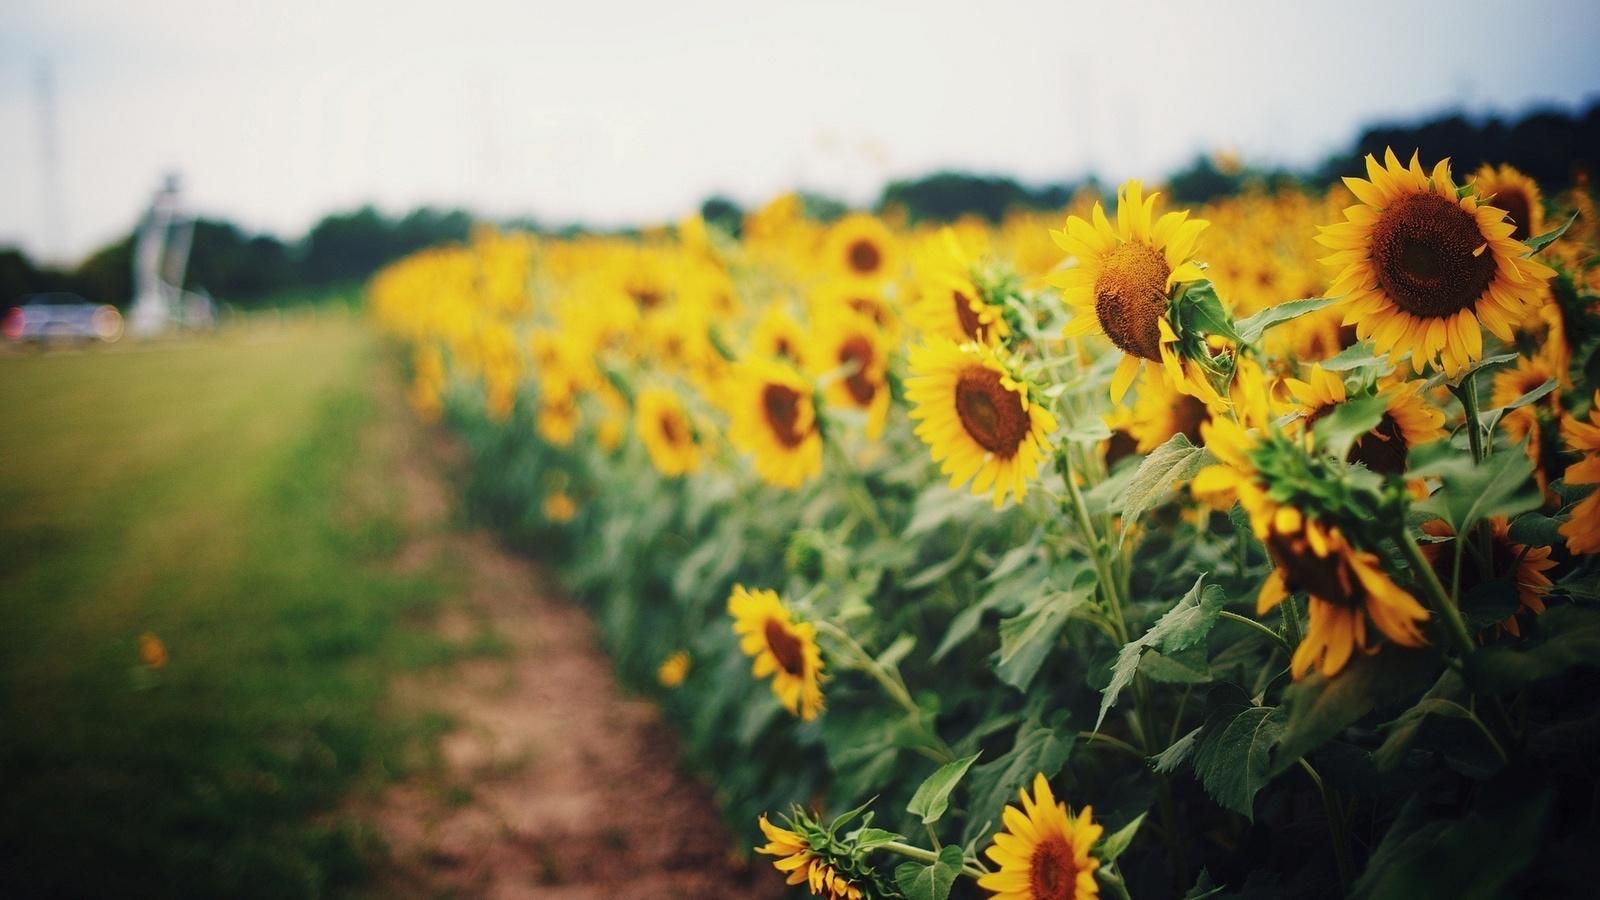 поле, природа, лето, подсолнухи, макро, фото, тема, украина, красиво